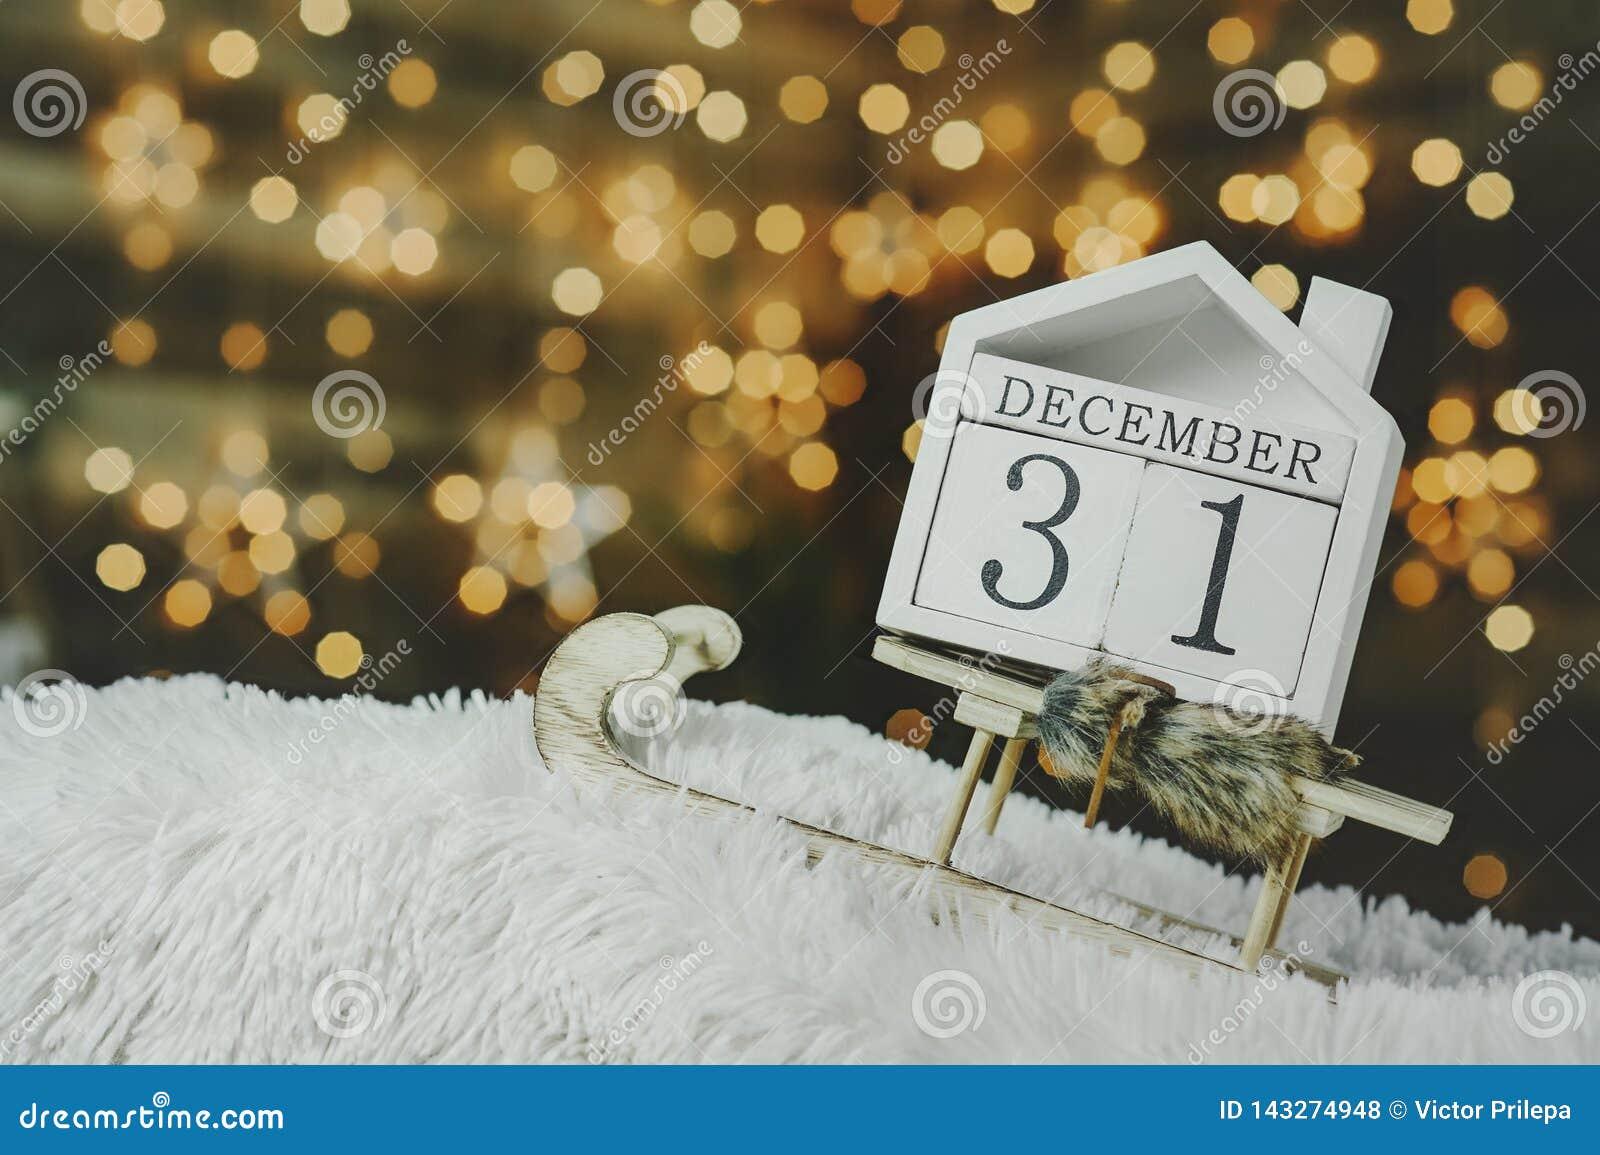 Εορταστικό υπόβαθρο την παραμονή του νέου έτους, με ένα ημερολόγιο αντίστροφης μέτρησης στις 31 Δεκεμβρίου στο υπόβαθρο φωτεινού